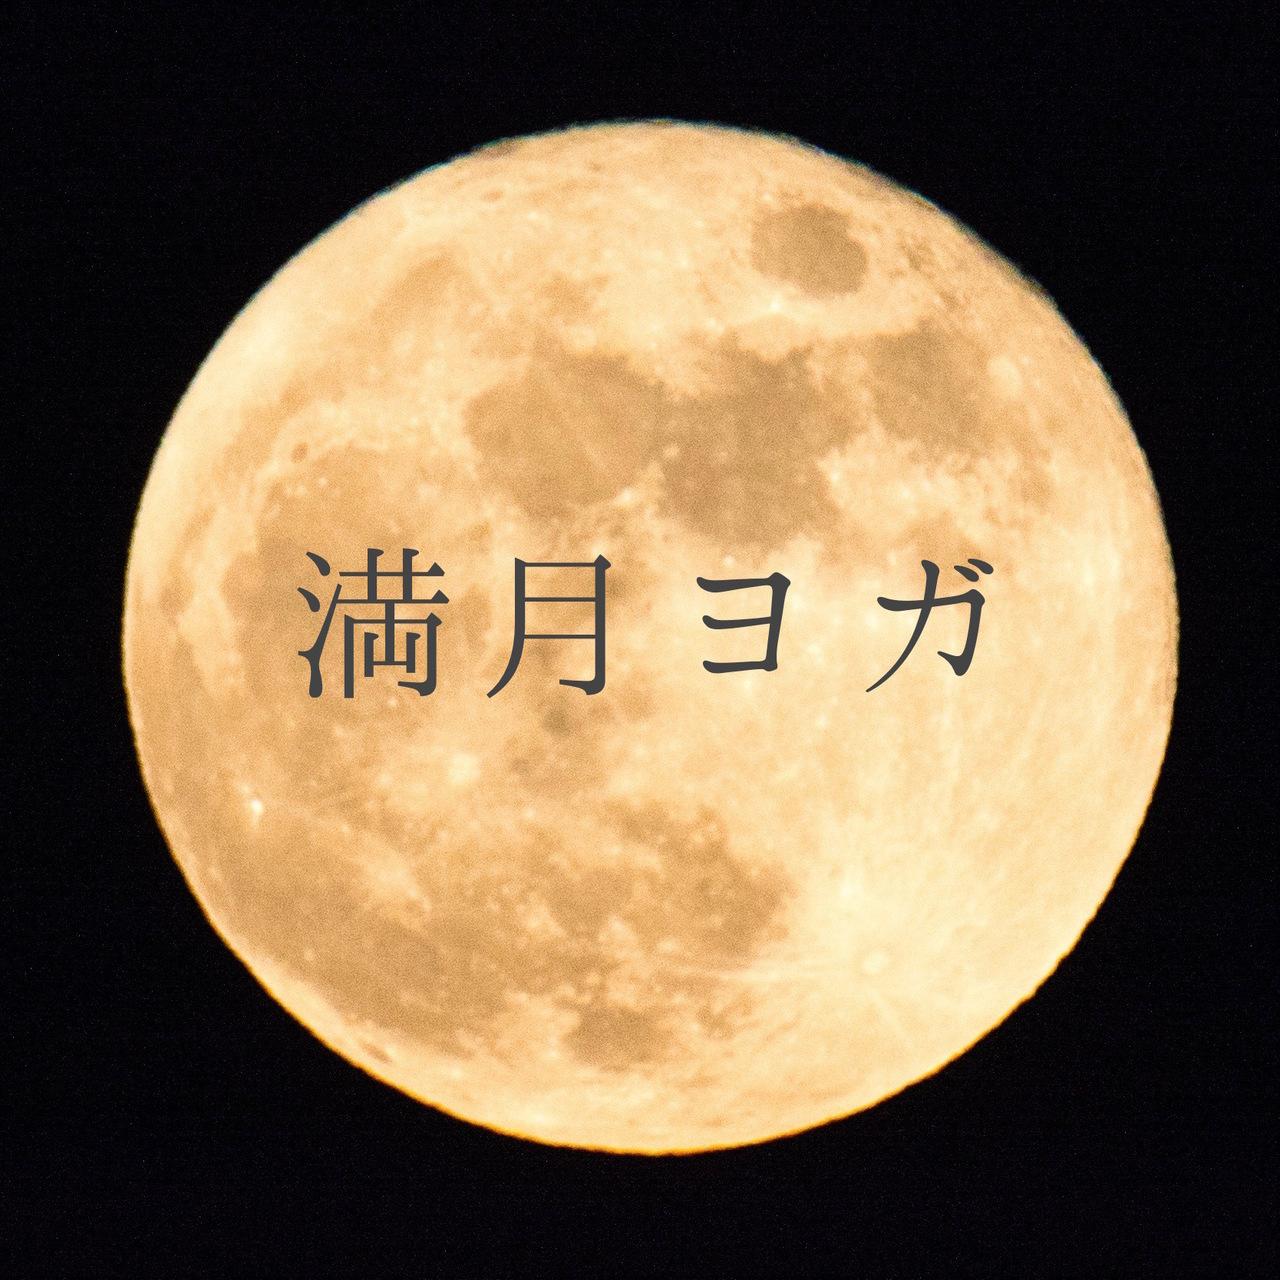 満月ヨガ/講師:壺山順世【運動量★★☆☆☆】【初心者の方おすすめ】